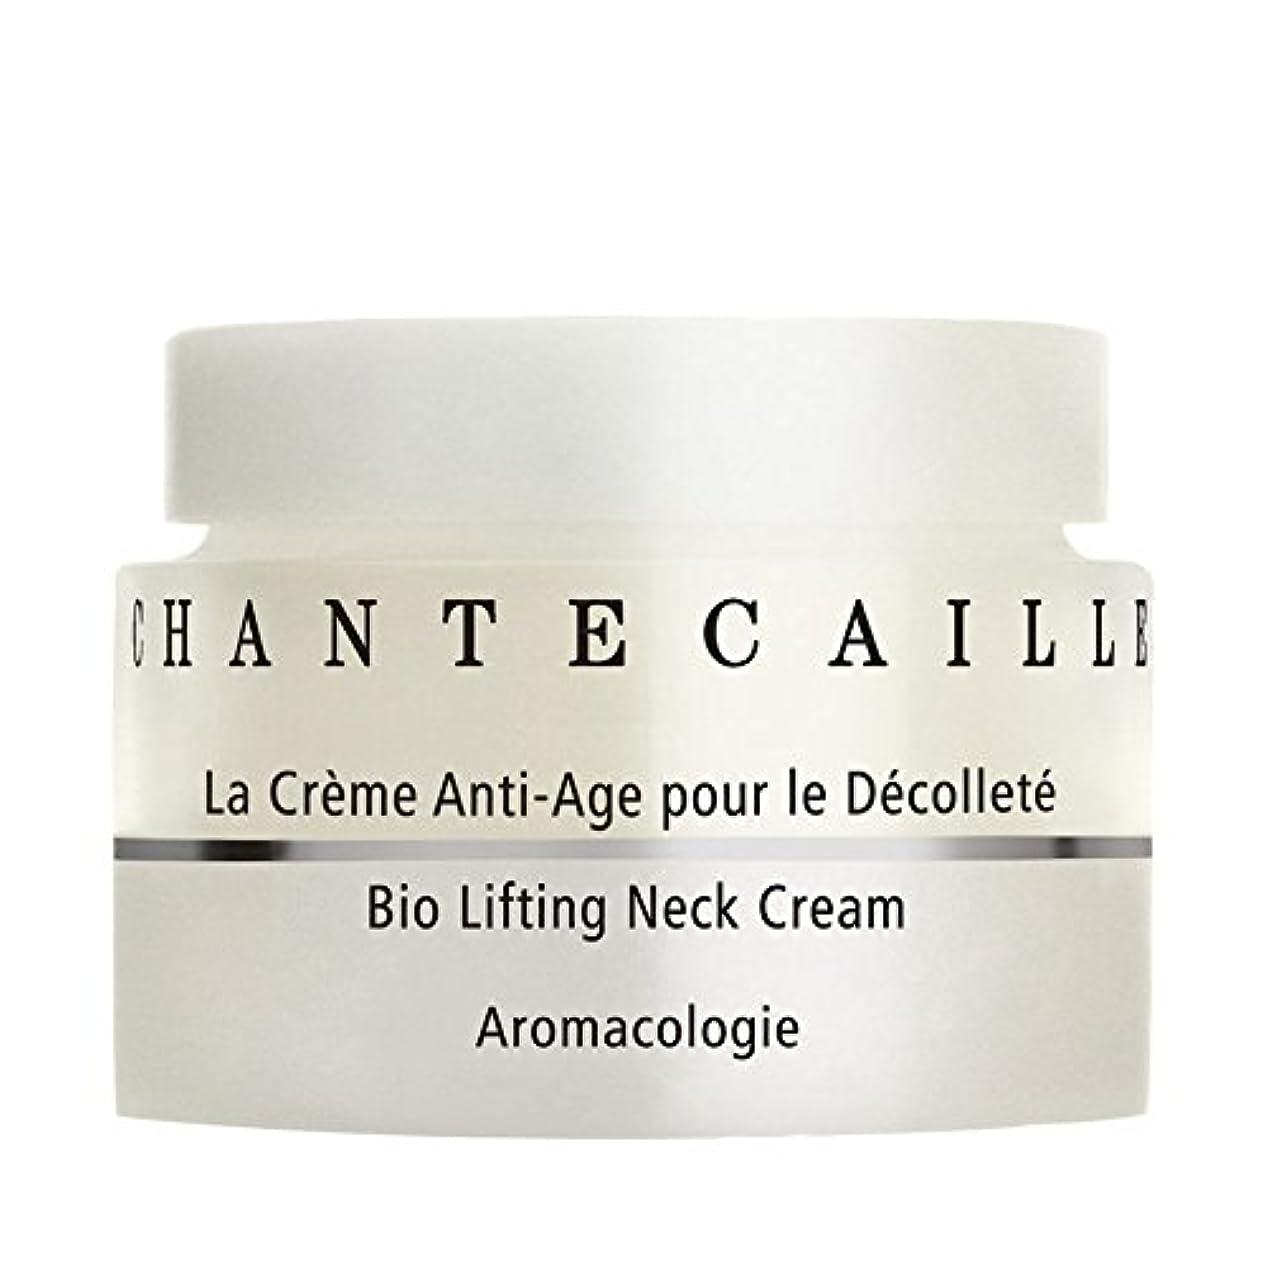 おしゃれなドラママラドロイトシャンテカイユバイオダイナミックリフティングネッククリーム、シャンテカイユ x2 - Chantecaille Biodynamic Lifting Neck Cream, Chantecaille (Pack of 2...